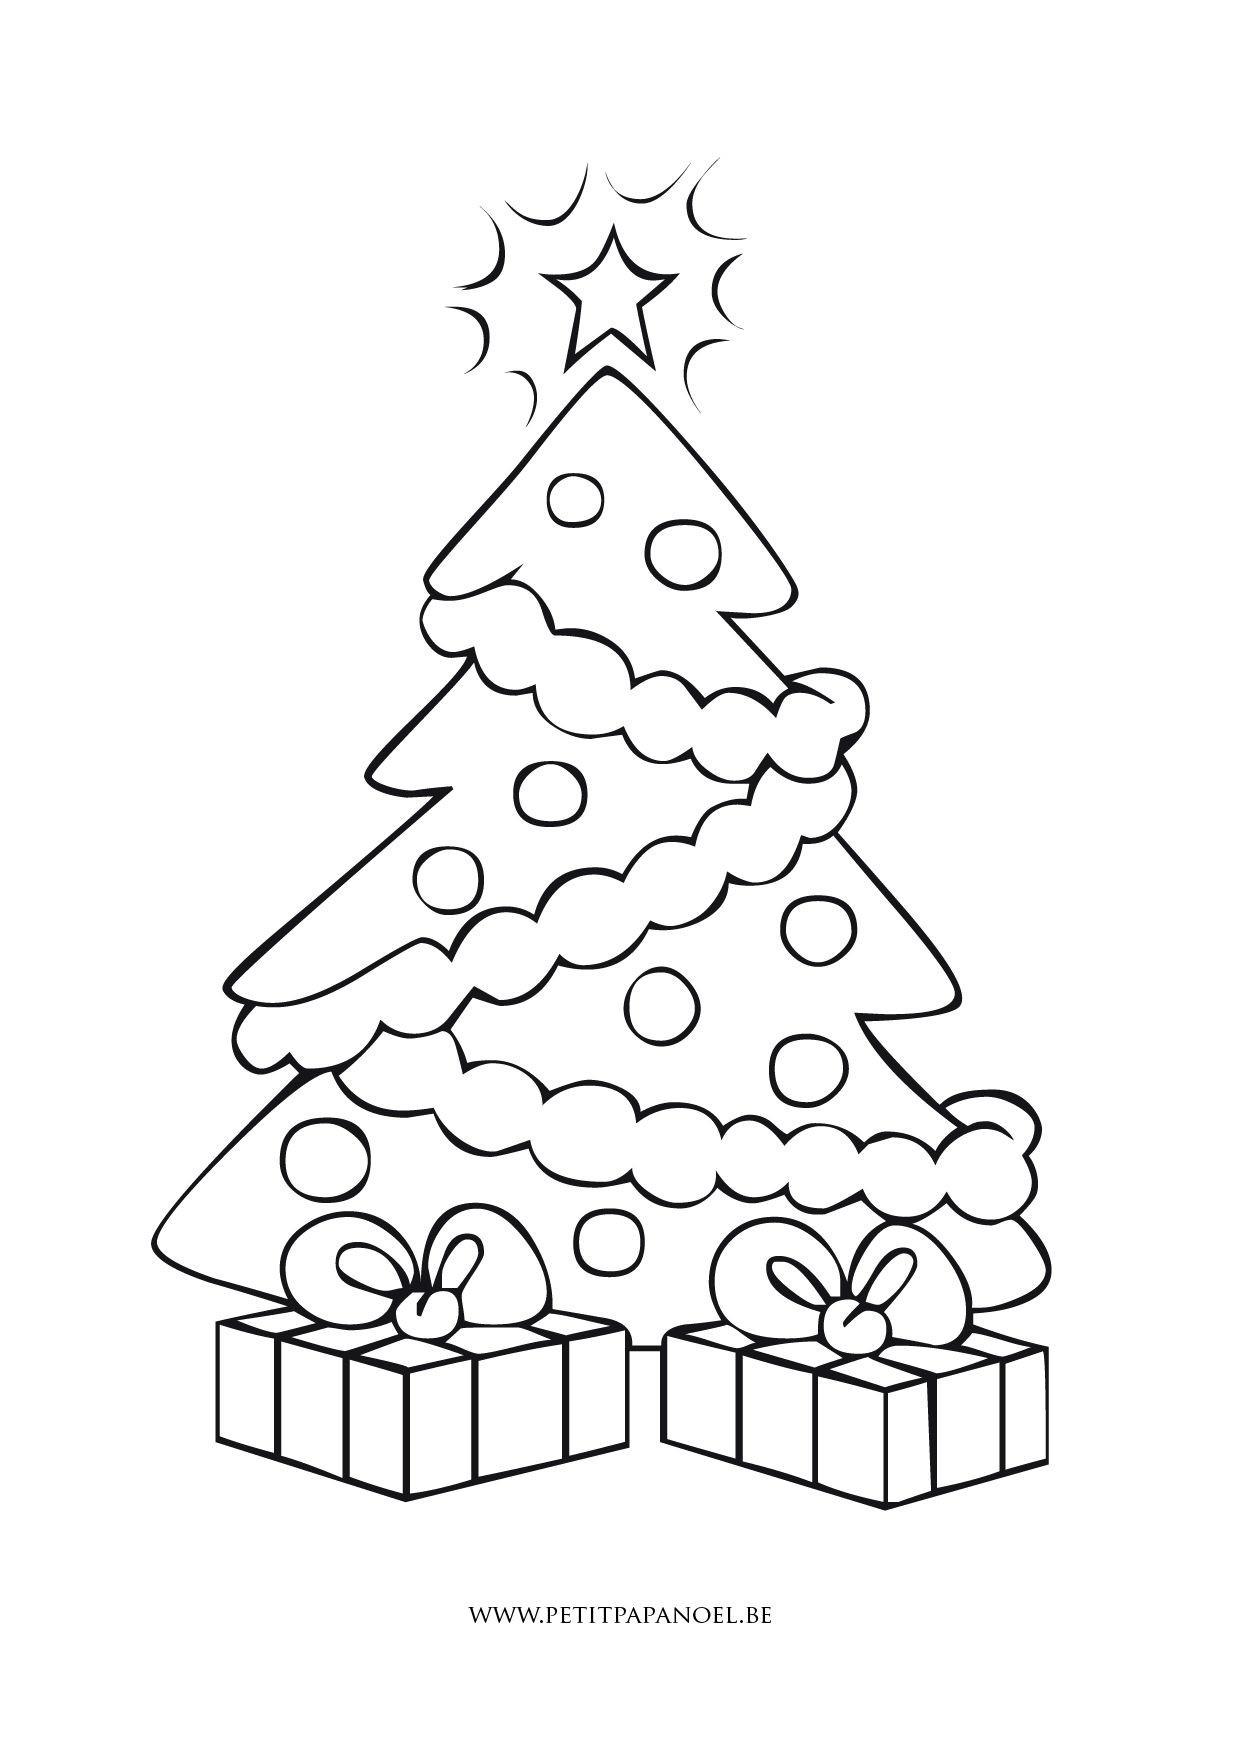 Malvorlagen Weihnachten Tannenbaum Neu Unique Ausmalbilder Weihnachtsbaum Mit Geschenken Ae De Stock